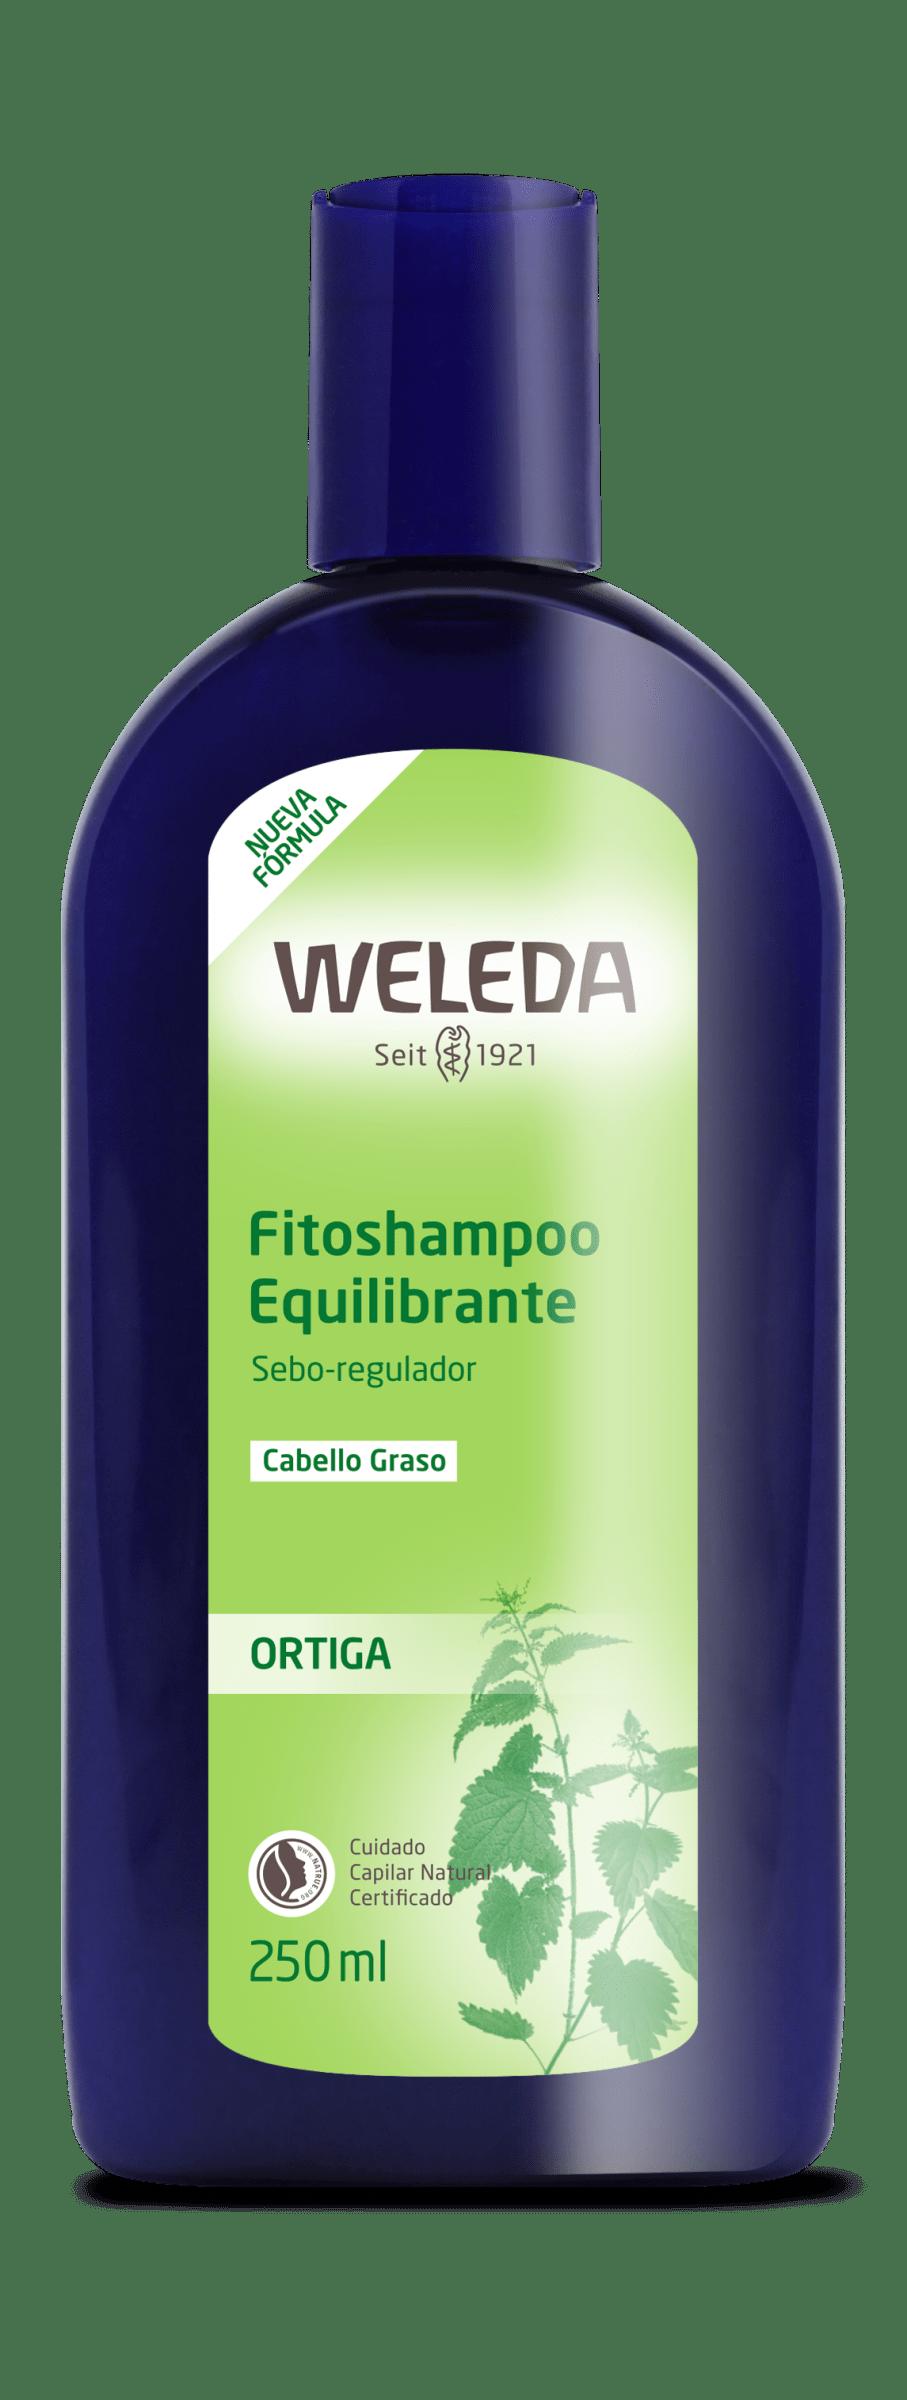 FITOSHAMPOO EQUILIBRANTE DE ORTIGA - WELEDA